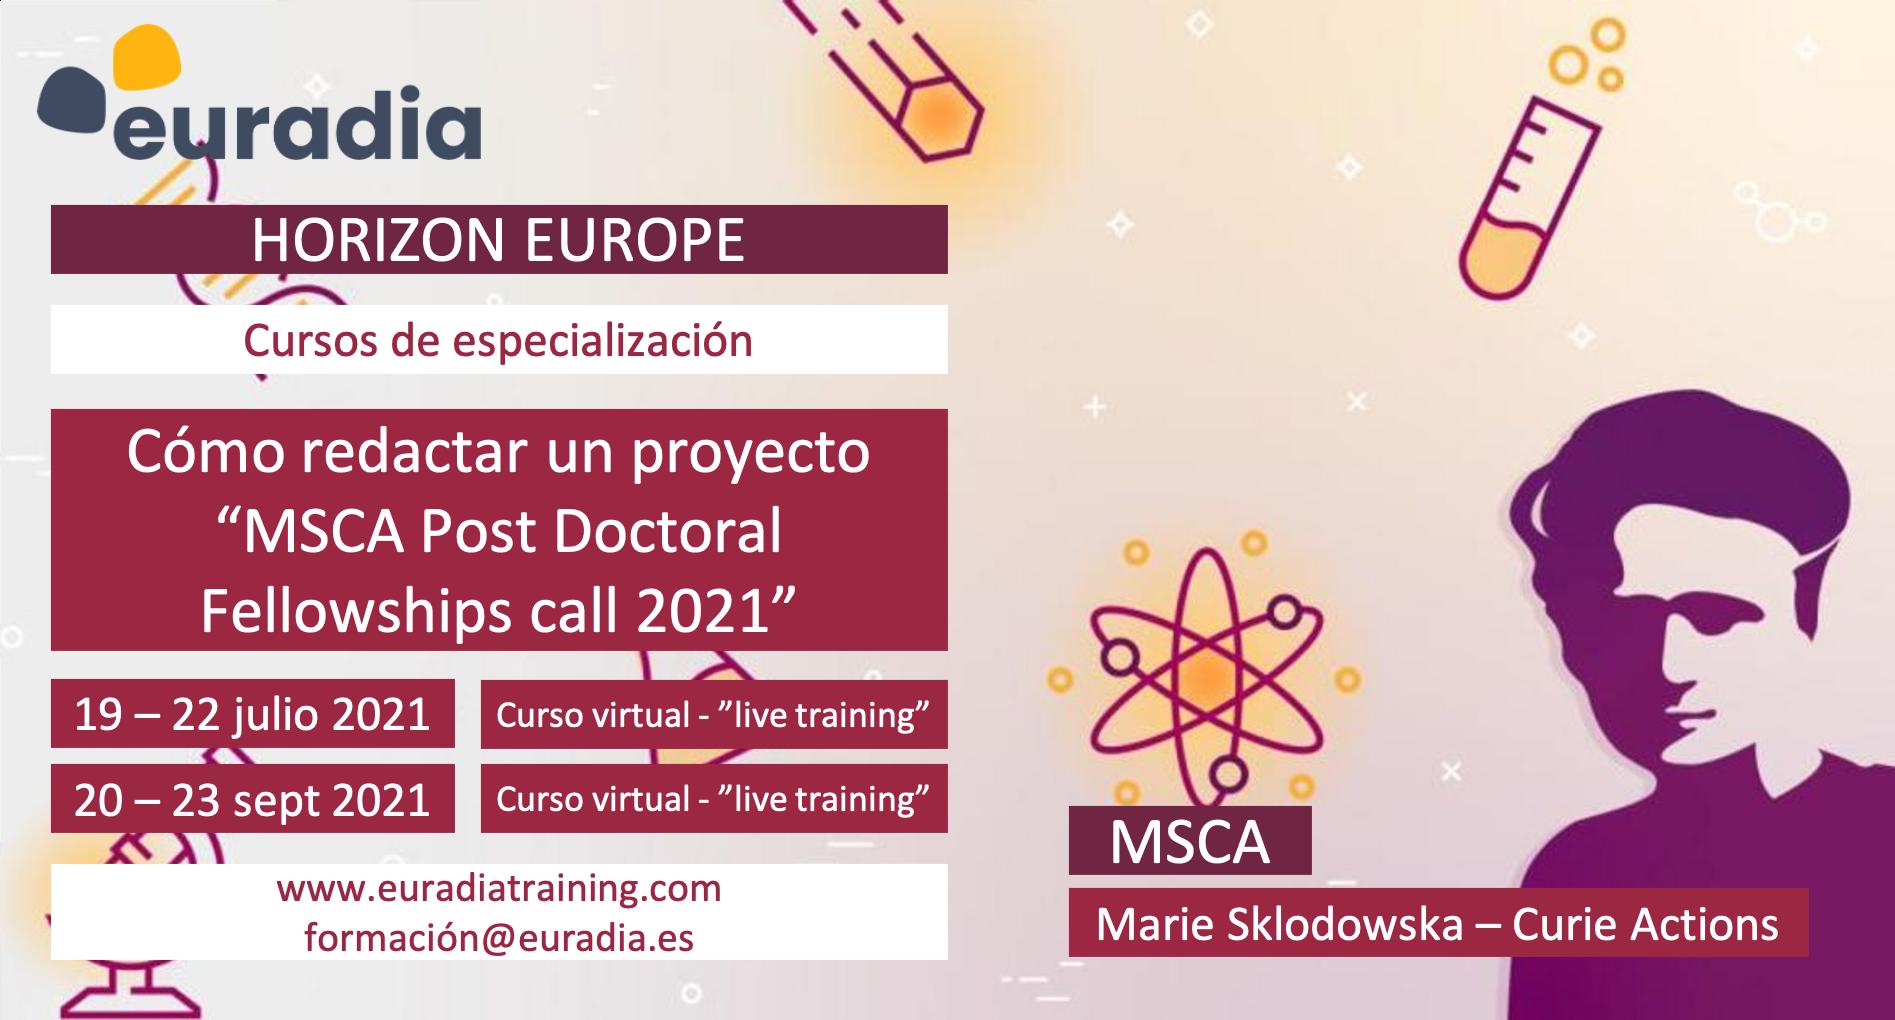 Redacción proyecto MSCA Postdoctoral Fellowship 2021